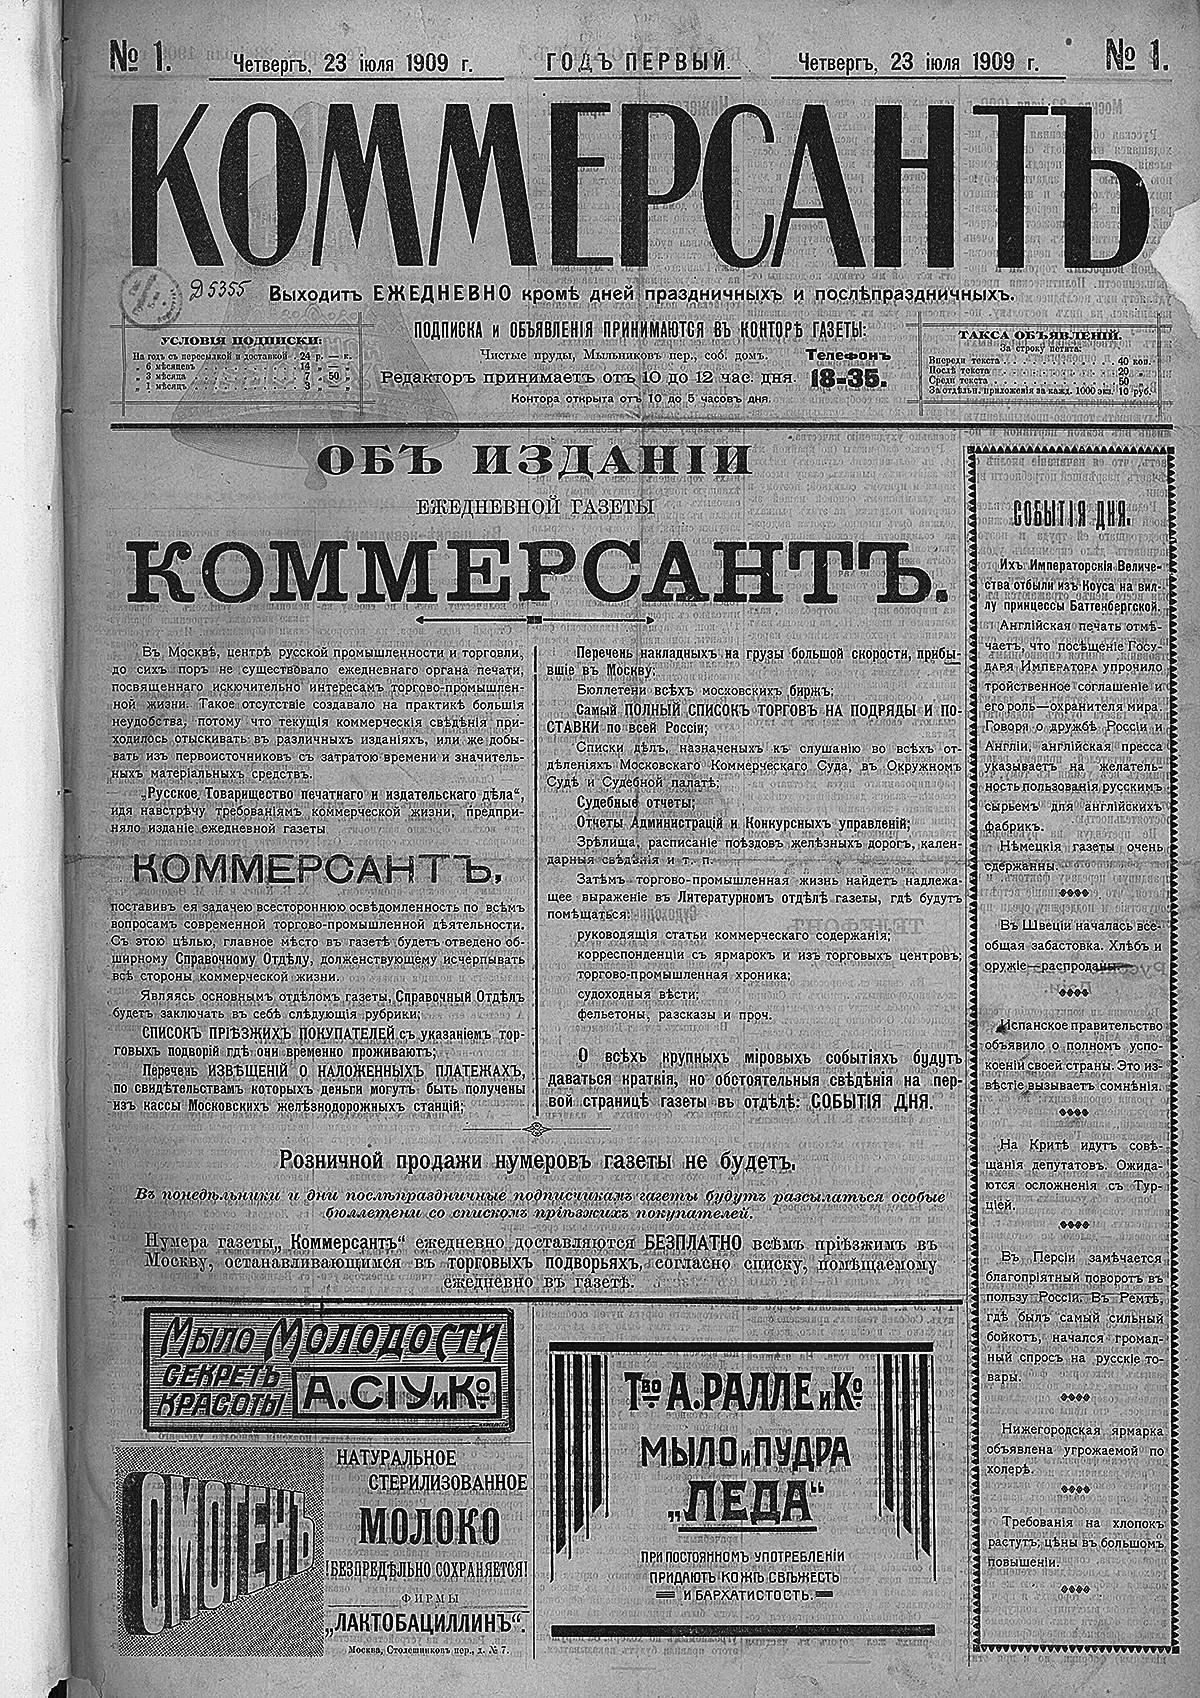 Une du premier numéro du journal Kommersant, daté du 23 juillet 1909